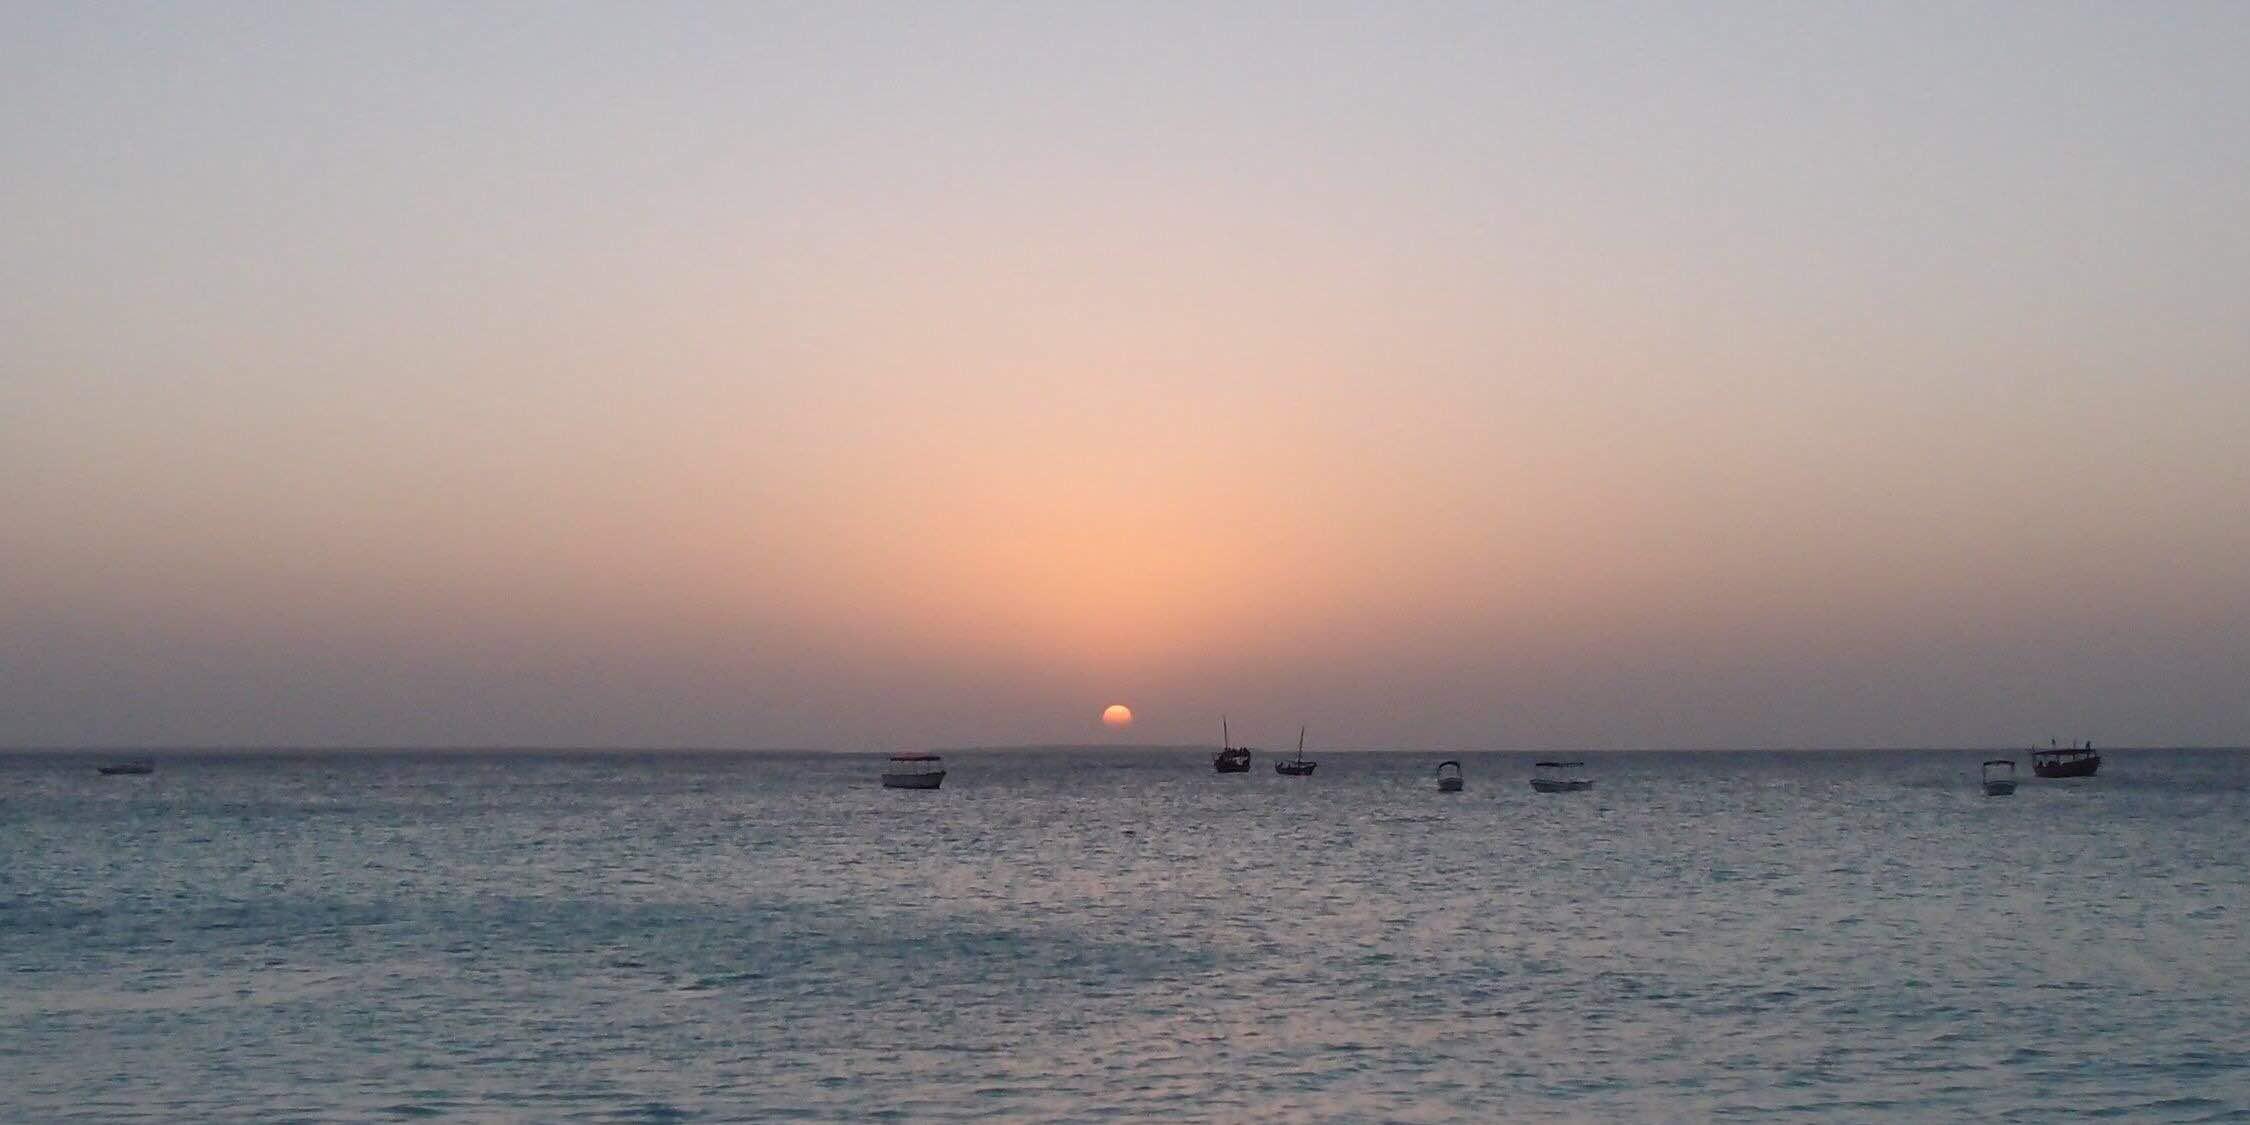 Sunset at Nungwi ヌングイでの夕陽